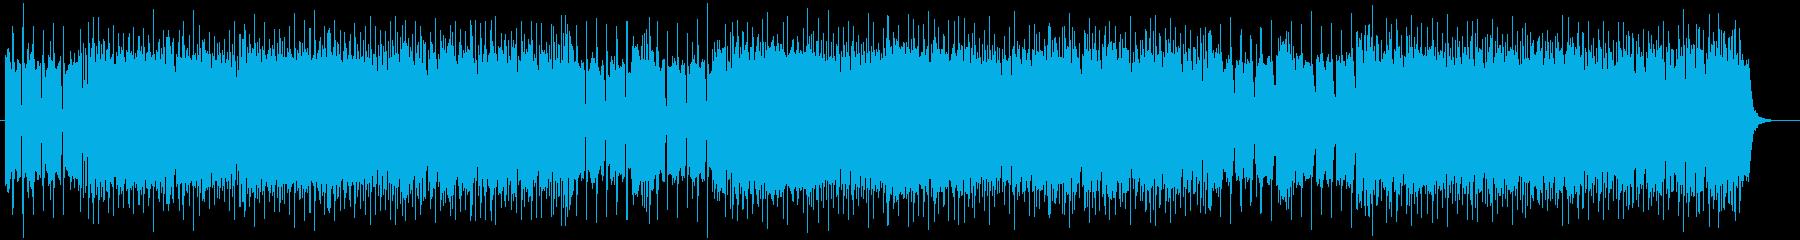 激しく疾走感のあるシンセギターサウンドの再生済みの波形